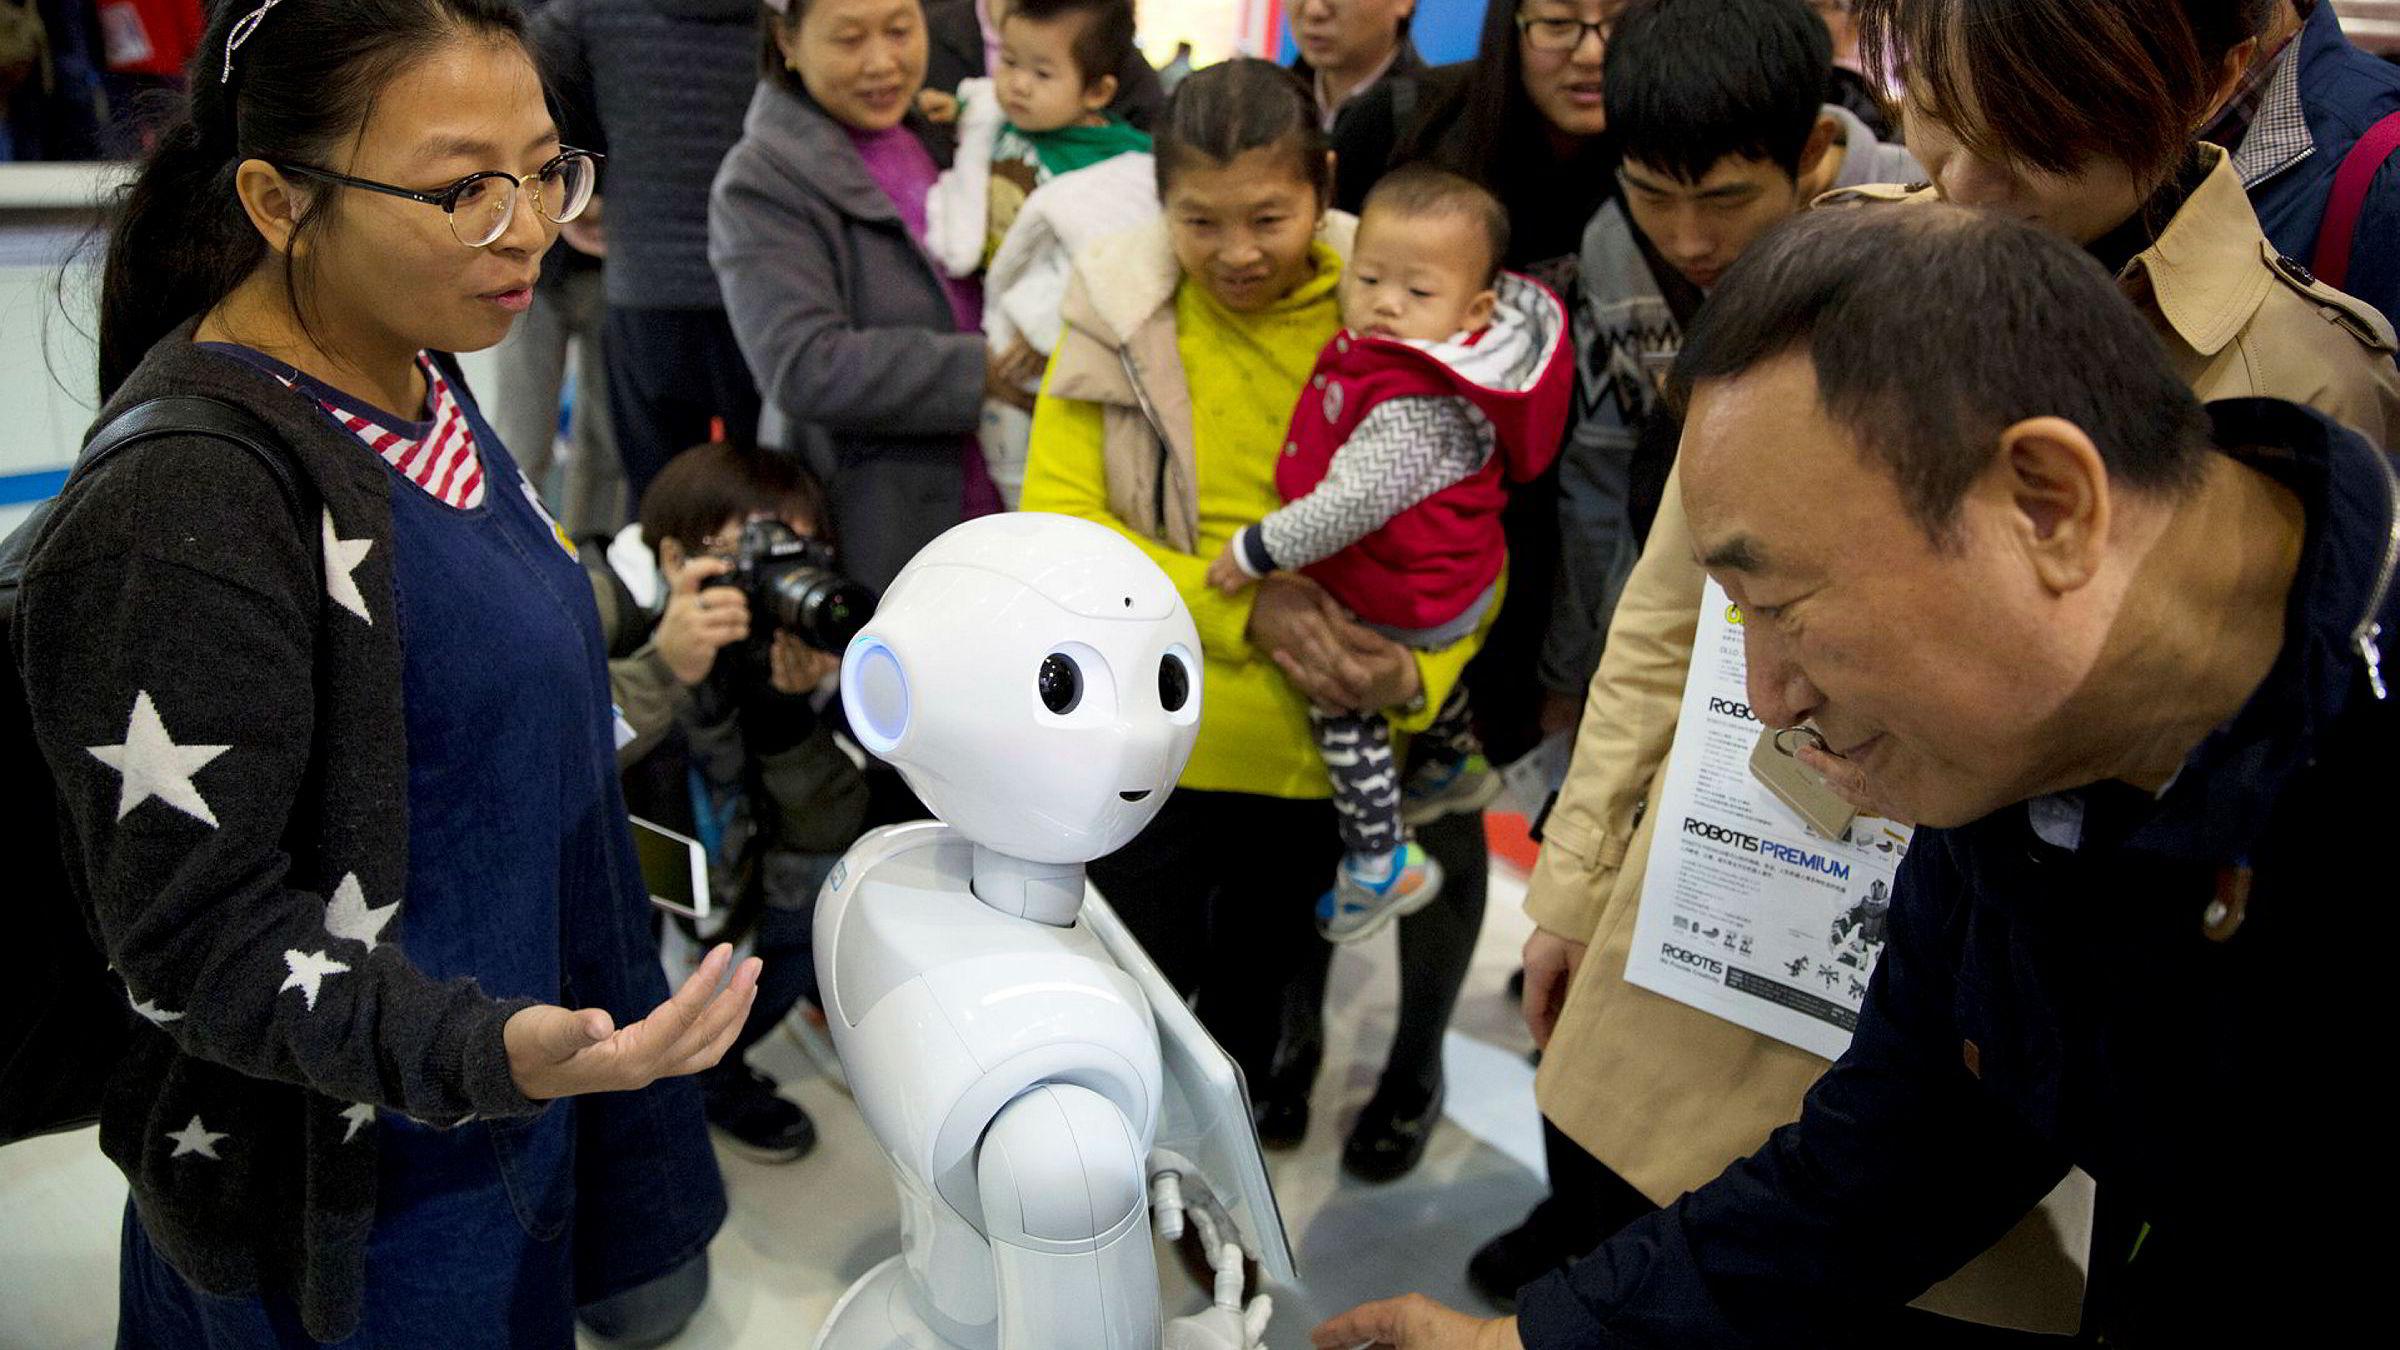 Utfordringen, både ved globalisering og robotisering, er hvordan man kan få den frigjorte arbeidskraften over i annet produktivt arbeid. Her hilser besøkendepå World Robot Conference i Beijing på roboten Pepper.